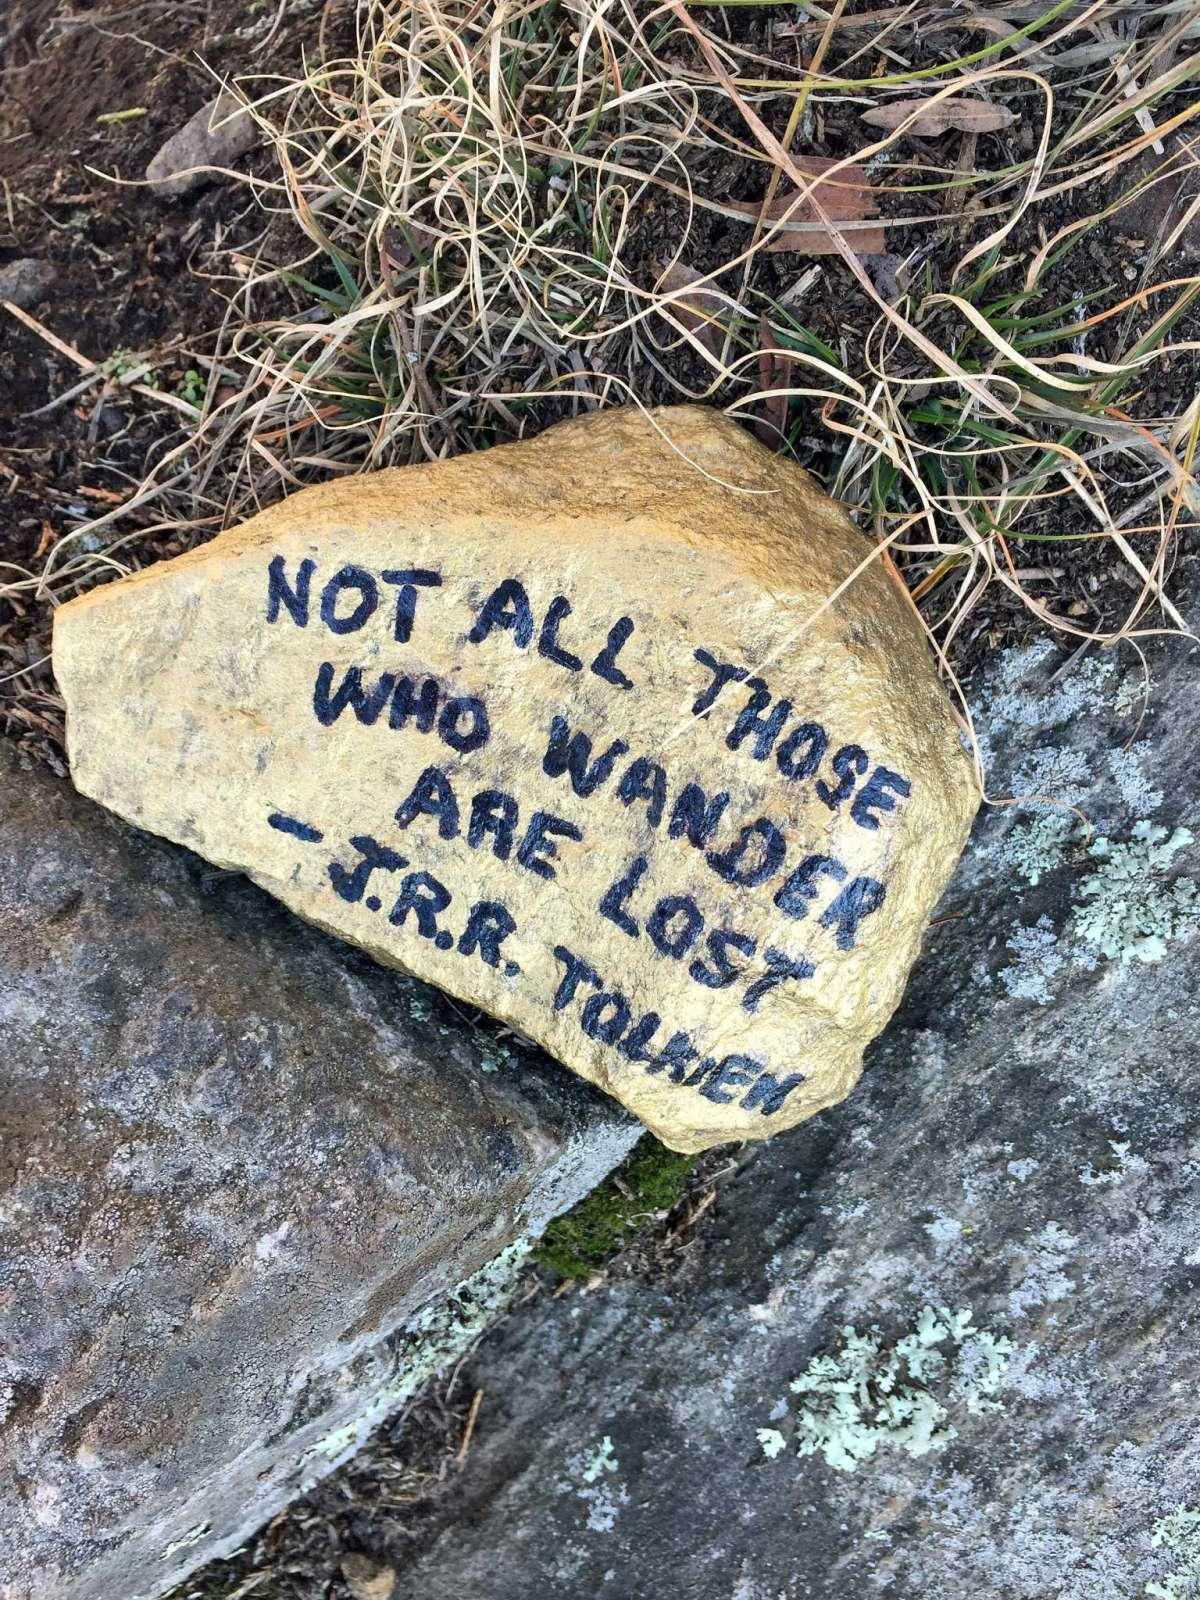 Pat a laissé des roches inspirantes comme celle-ci sur chaque site.